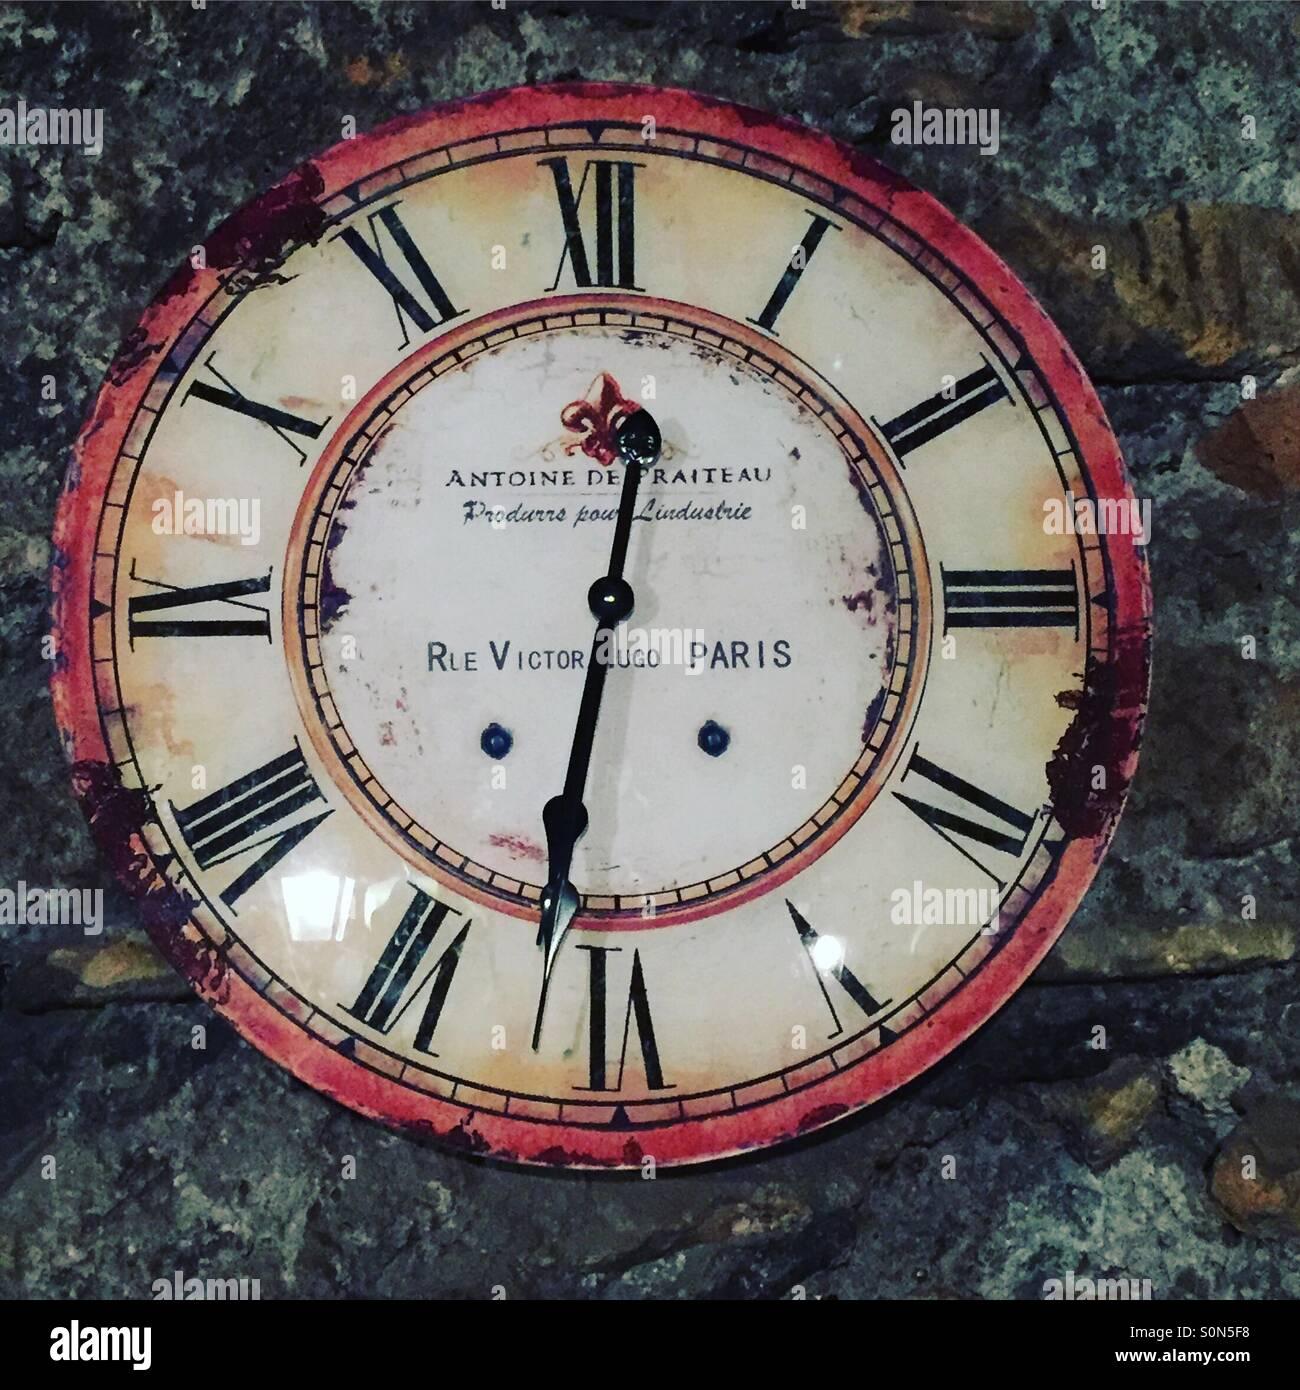 Antique clock - Stock Image